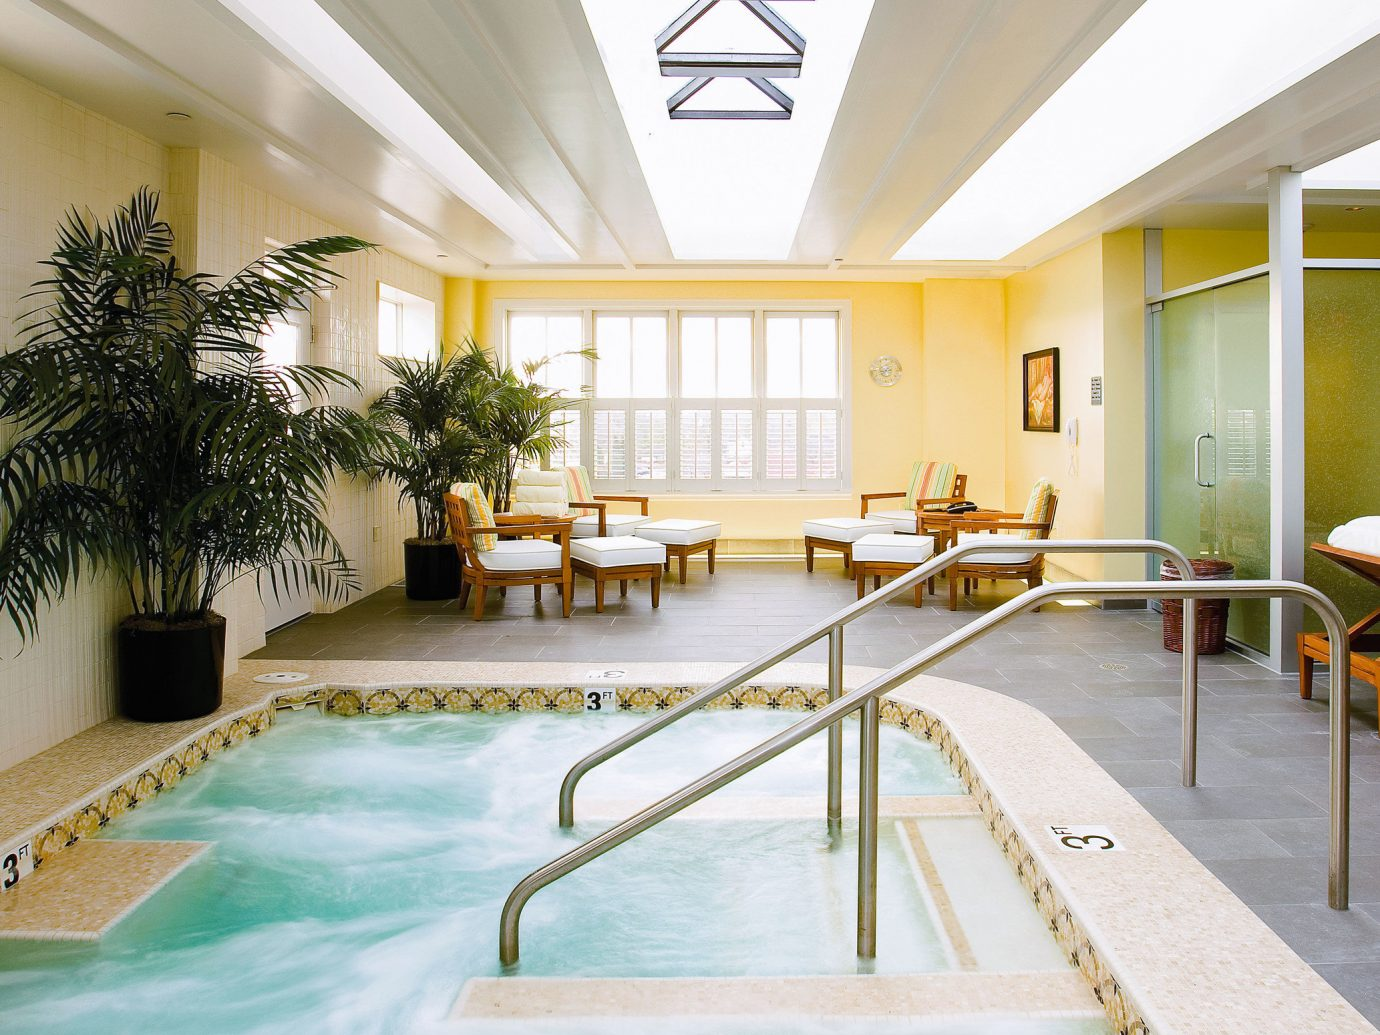 indoor swimming pool building leisure estate interior design real estate leisure centre condominium yellow ceiling home Resort hotel daylighting floor apartment amenity decorated furniture